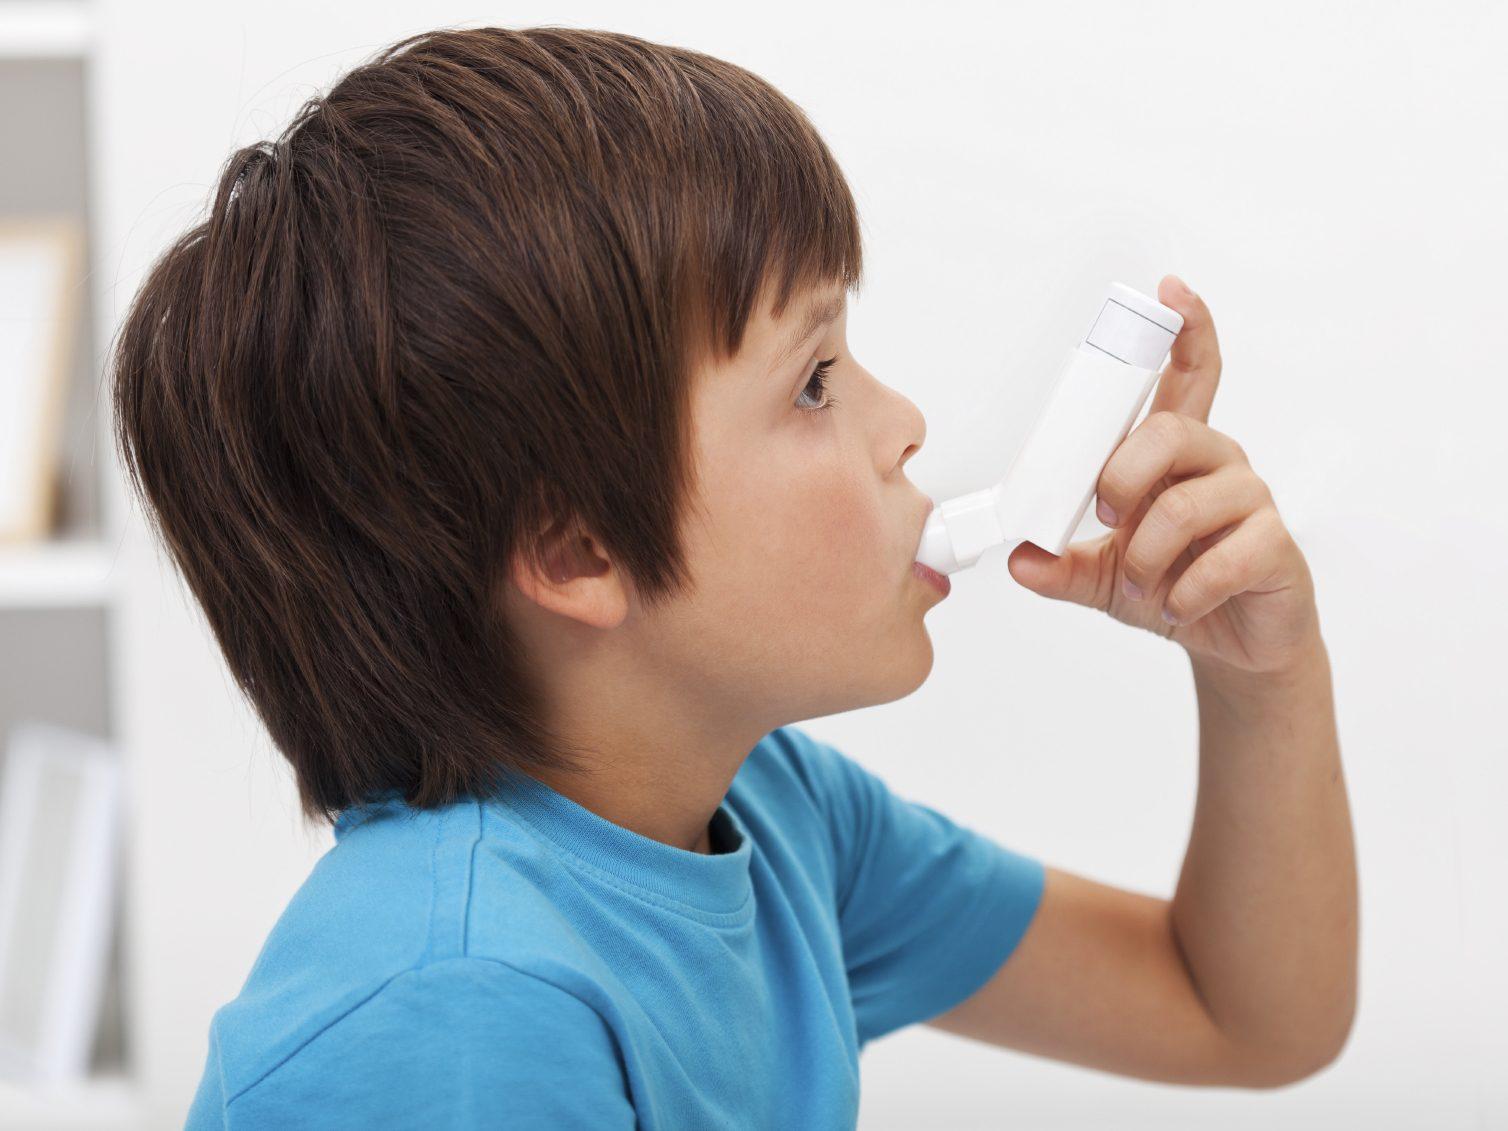 Les symptômes d'asthme et d'allergies alimentaires.